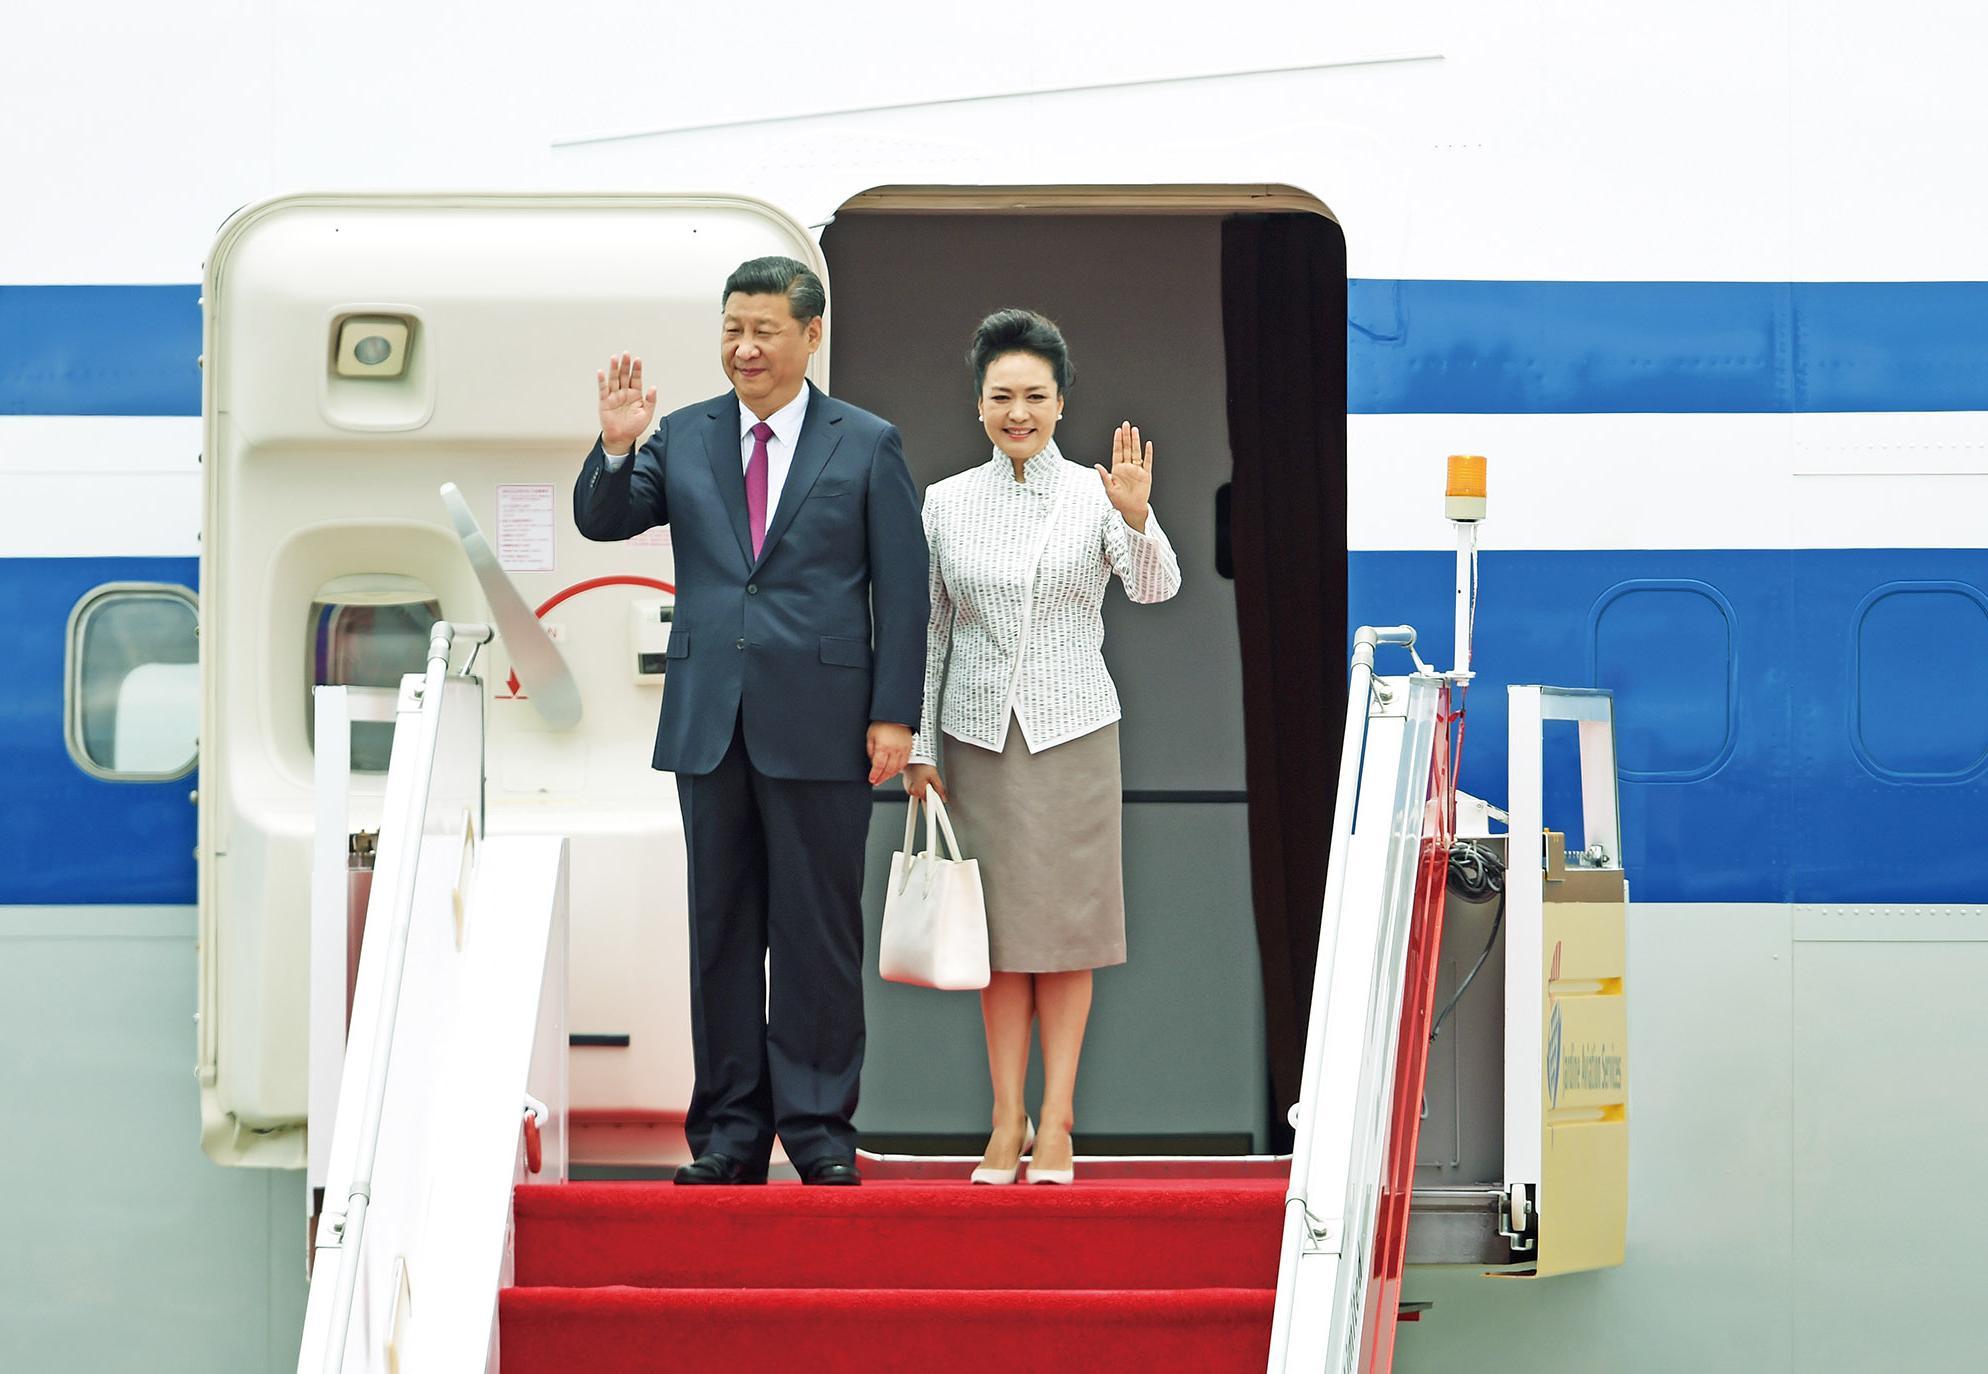 習近平:一國兩制 行穩致遠